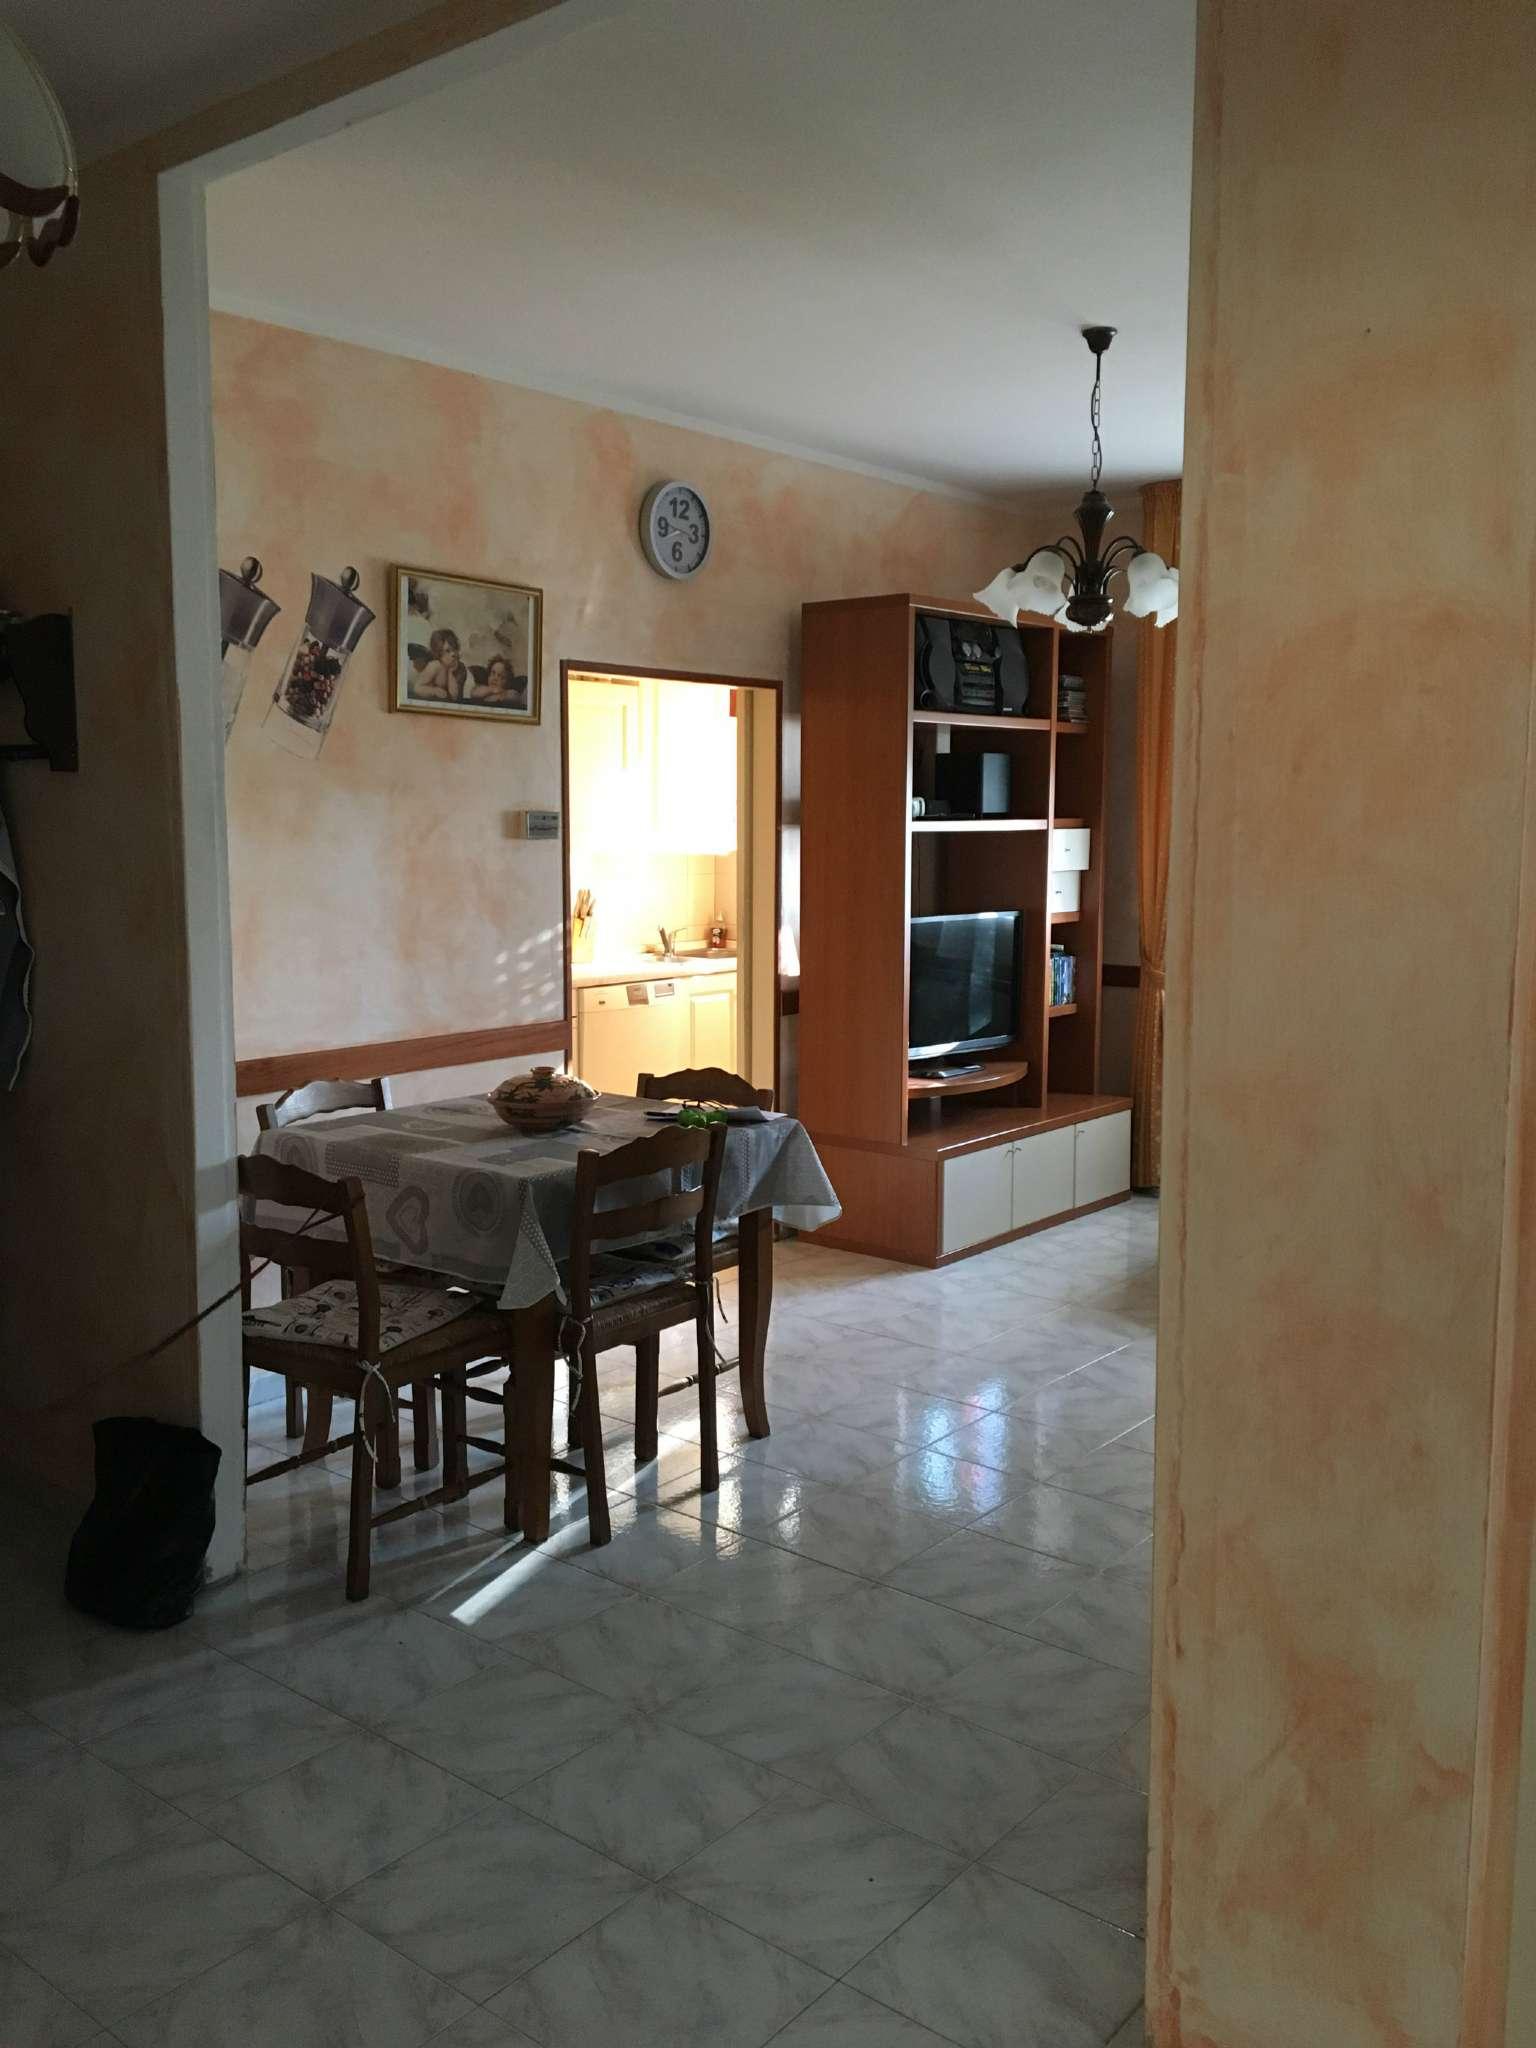 Appartamento in vendita a Venezia, 5 locali, zona Zona: 11 . Mestre, prezzo € 135.000 | Cambio Casa.it